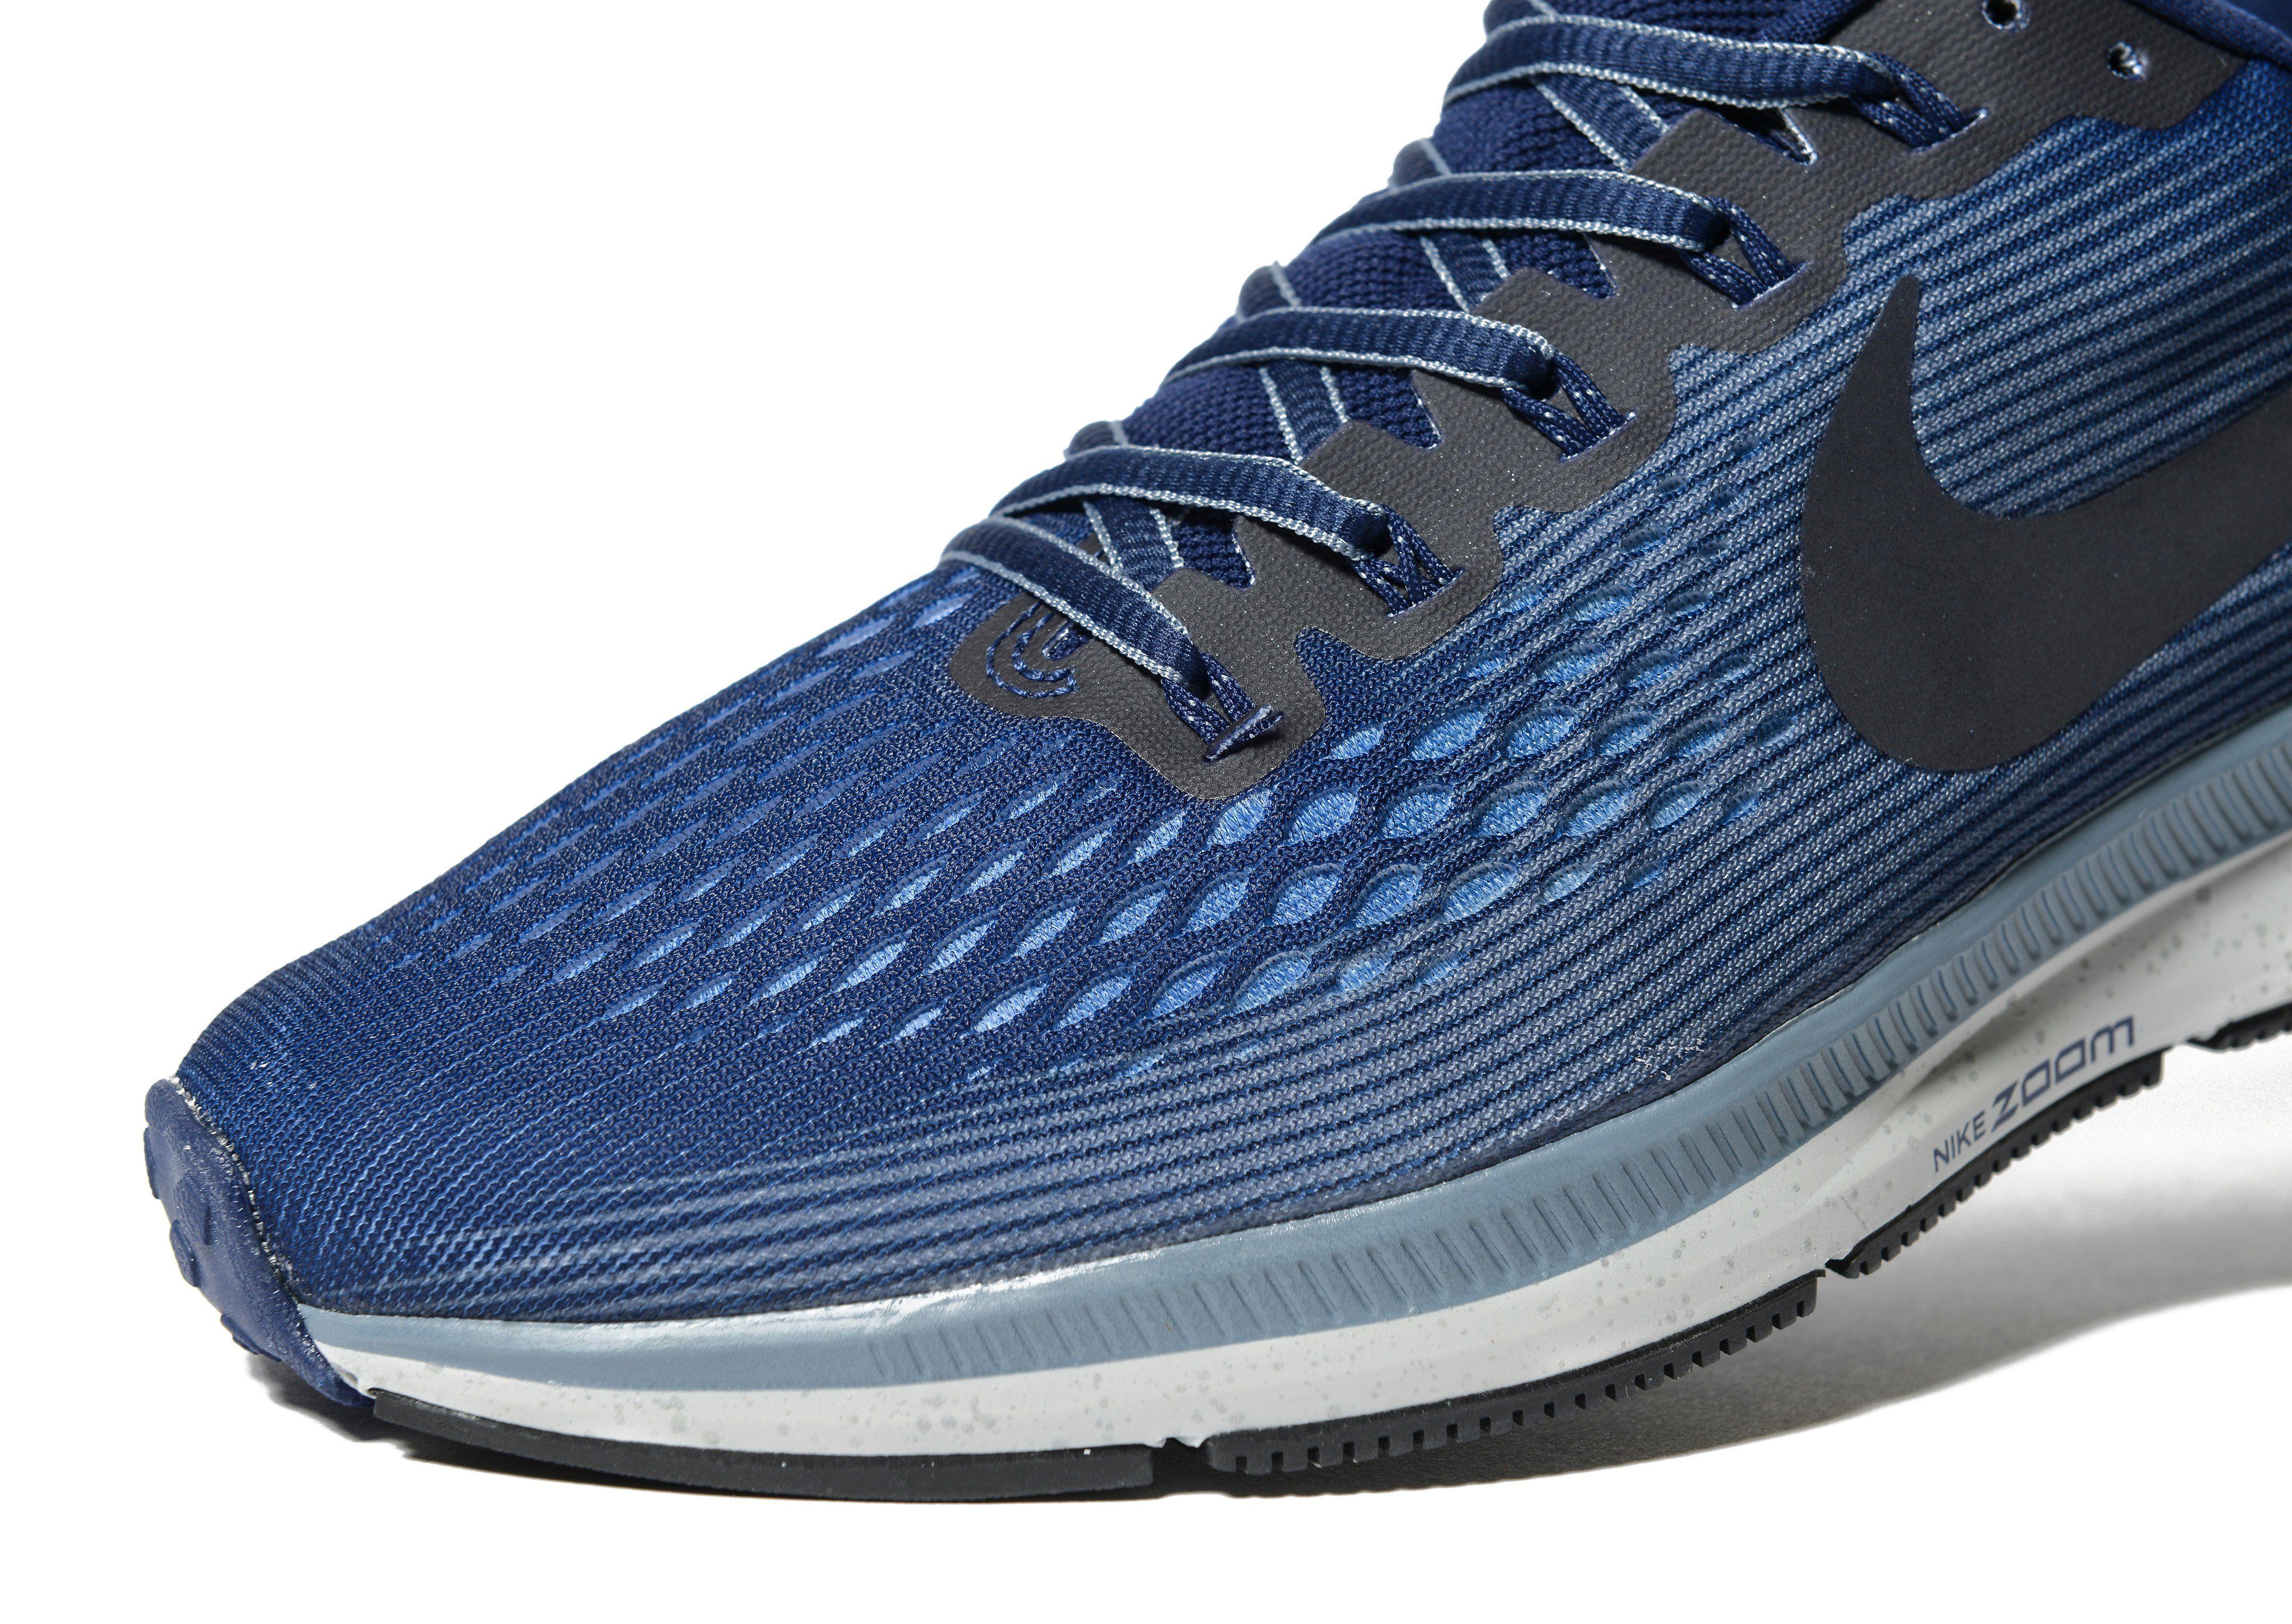 Nike Pegasus 34 Shield blau Blau Spielraum Größte Lieferant Steckdose Billigsten Online-Shop Zum Verkauf WWlPm21